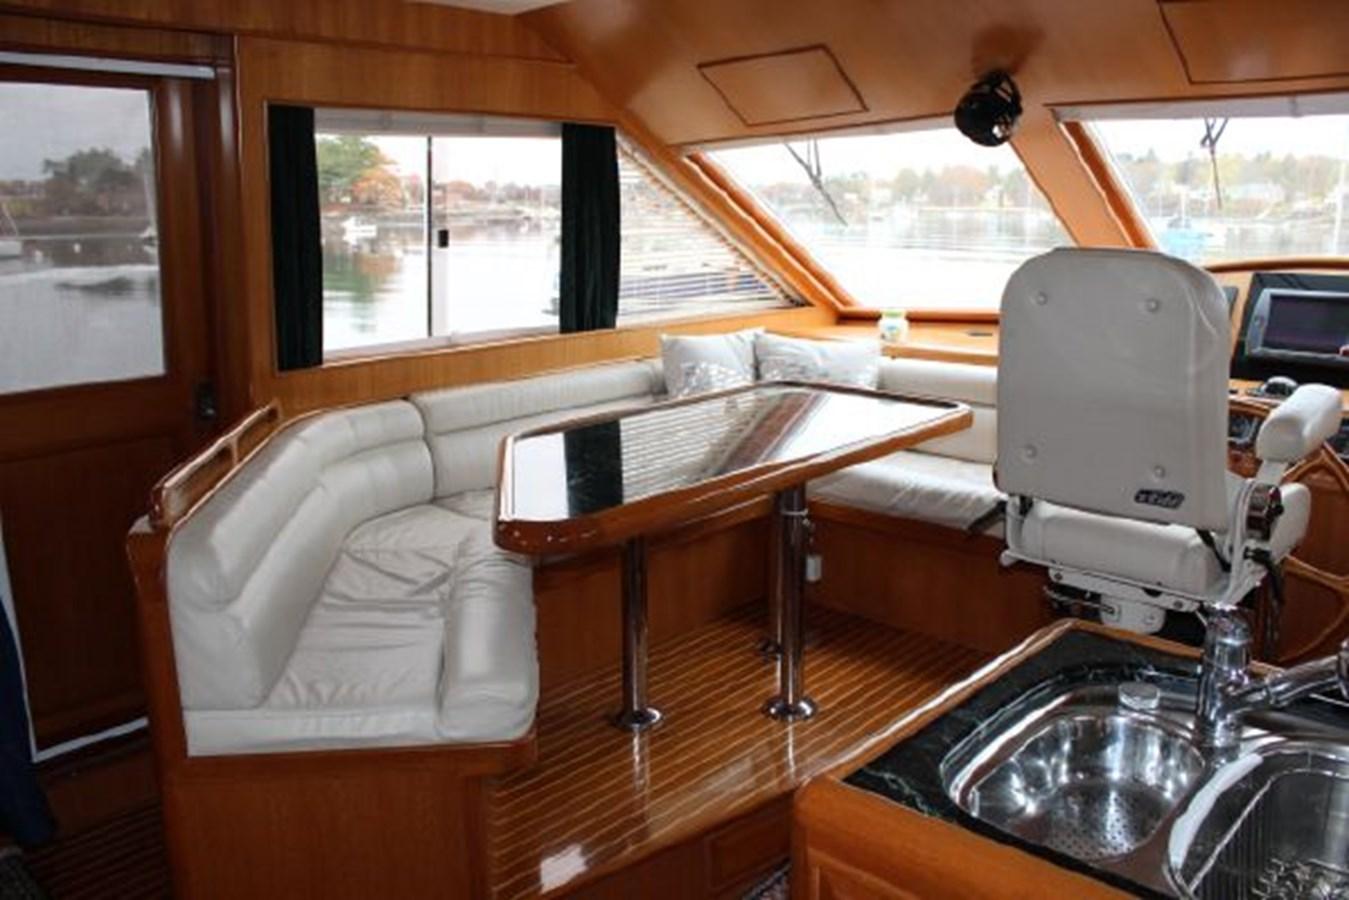 4859061_20141124101321206_1_XLARGE 2000 OCEAN ALEXANDER  Motor Yacht 2837929